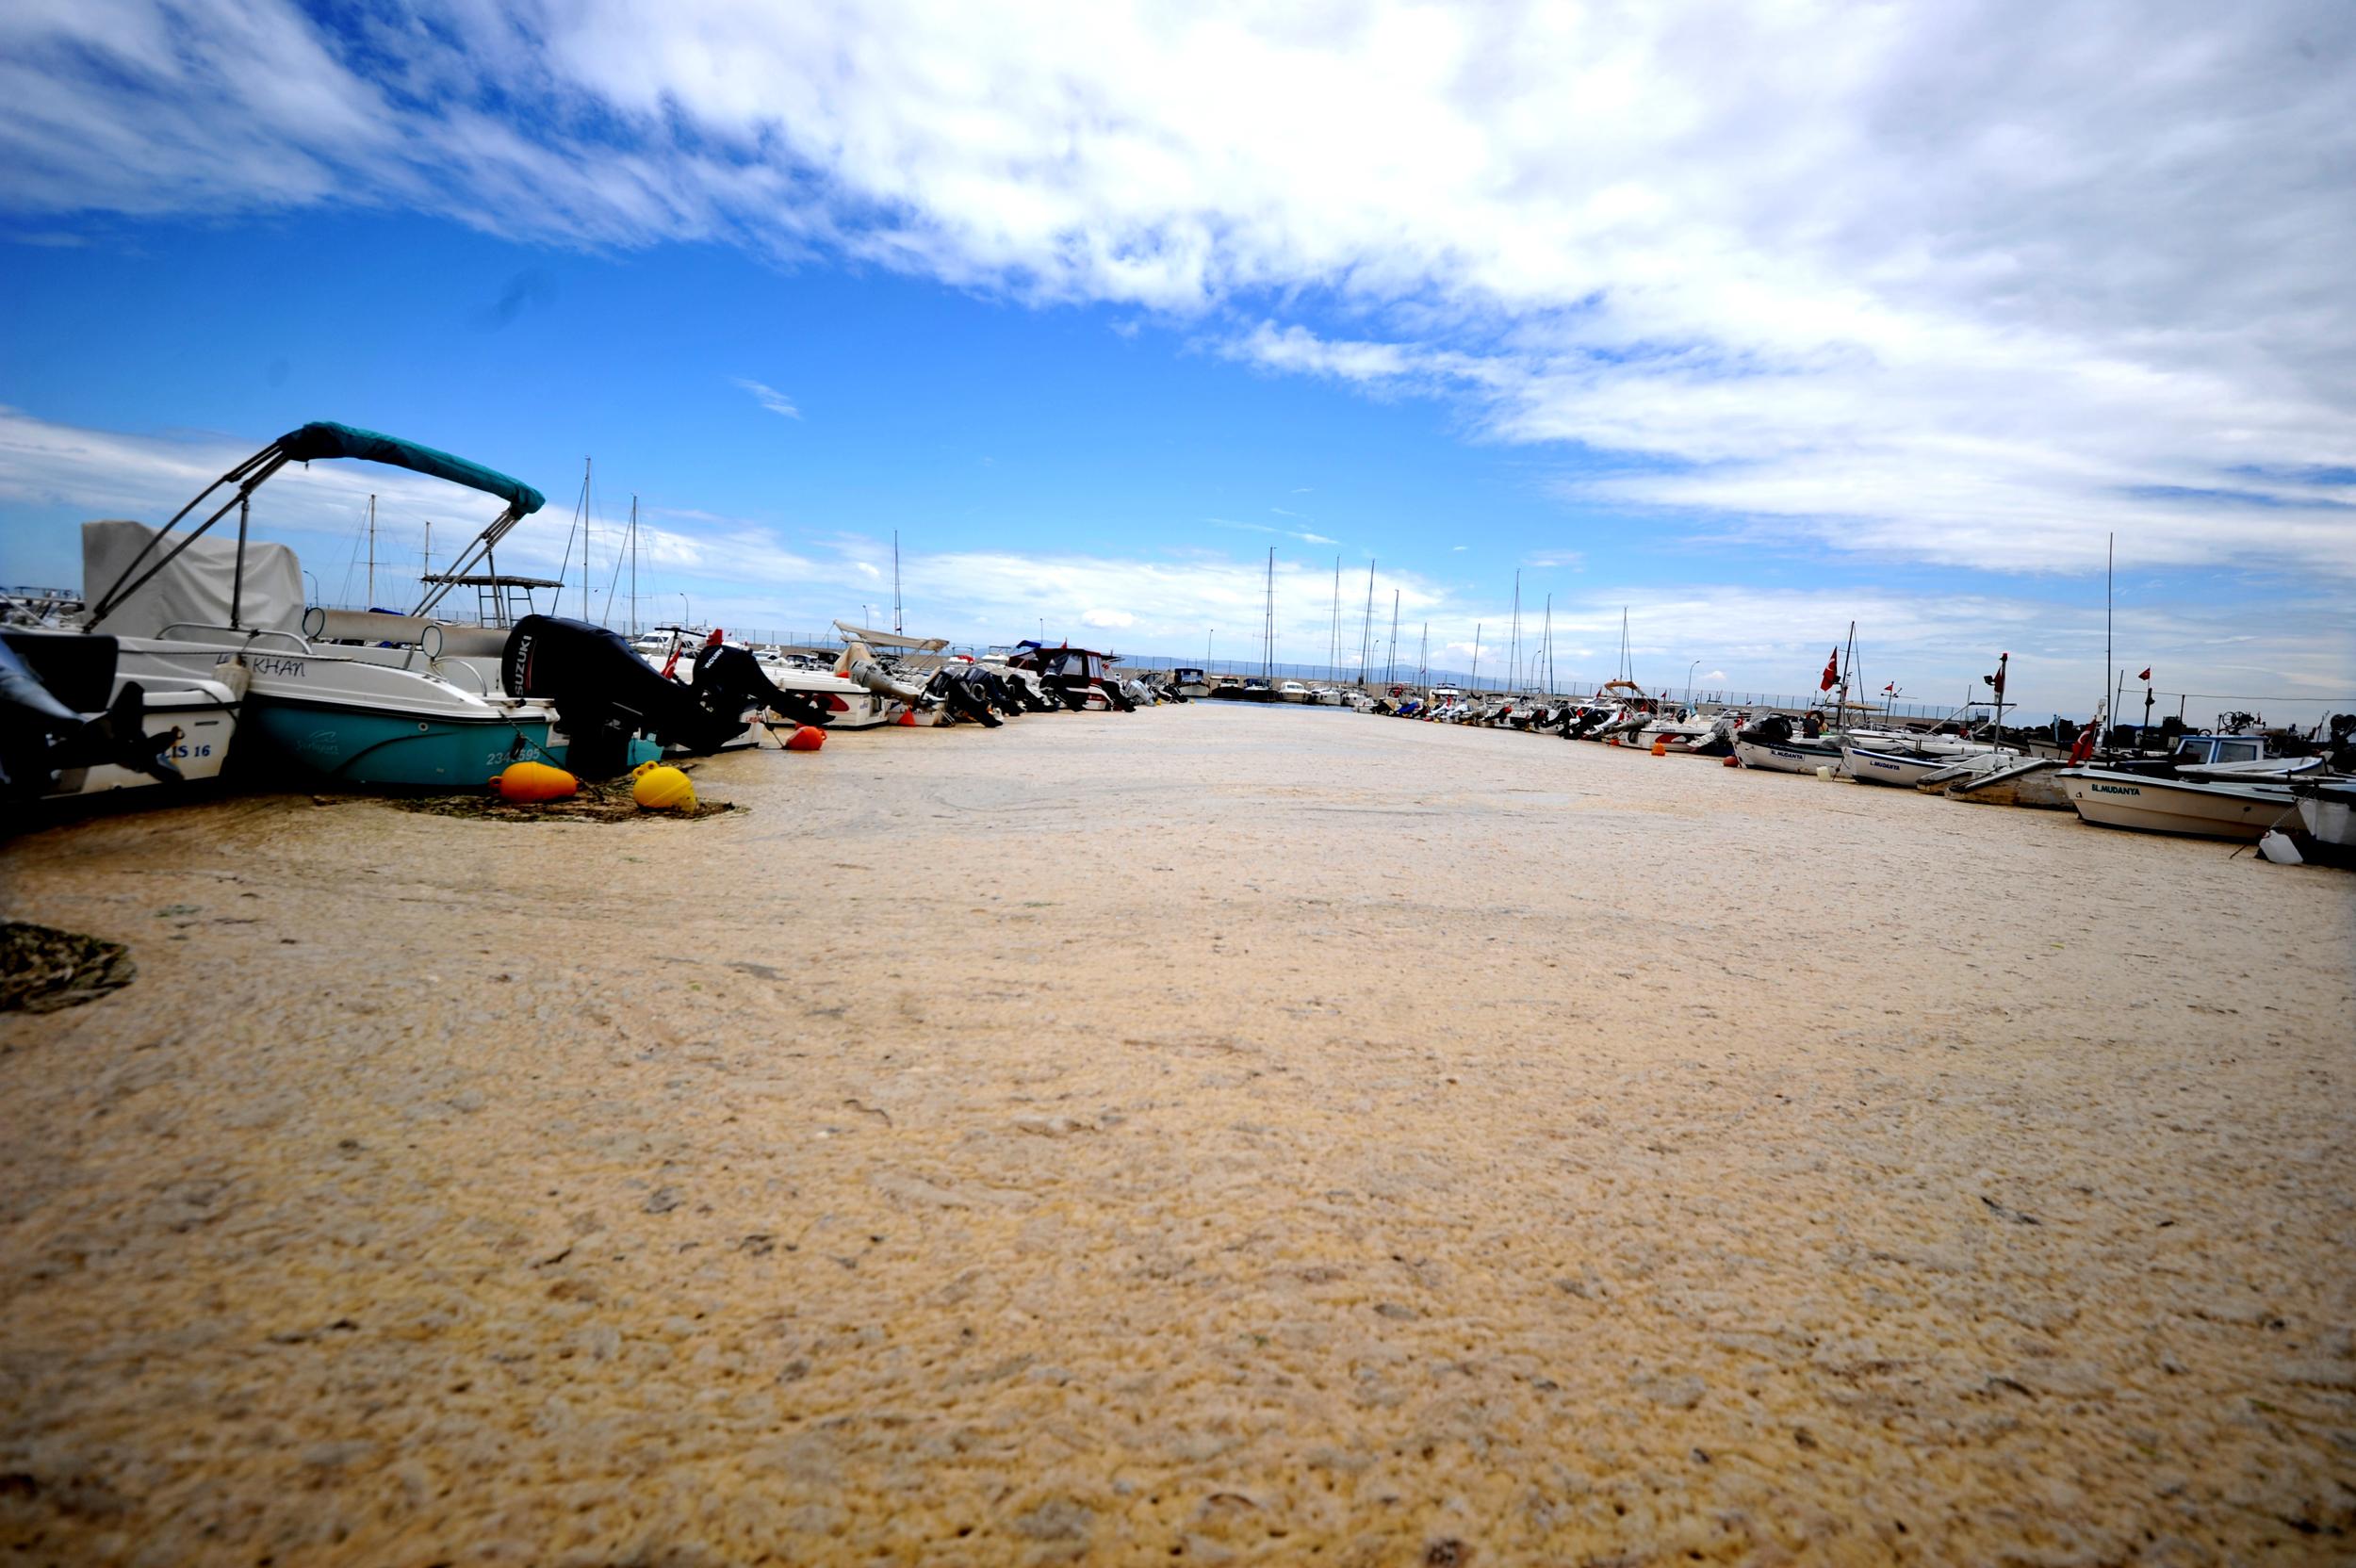 deniz-salyasiyla-kaplanan-mudanya-yat-limani-havadan-goruntulendi-8828-dhaphoto12.jpg